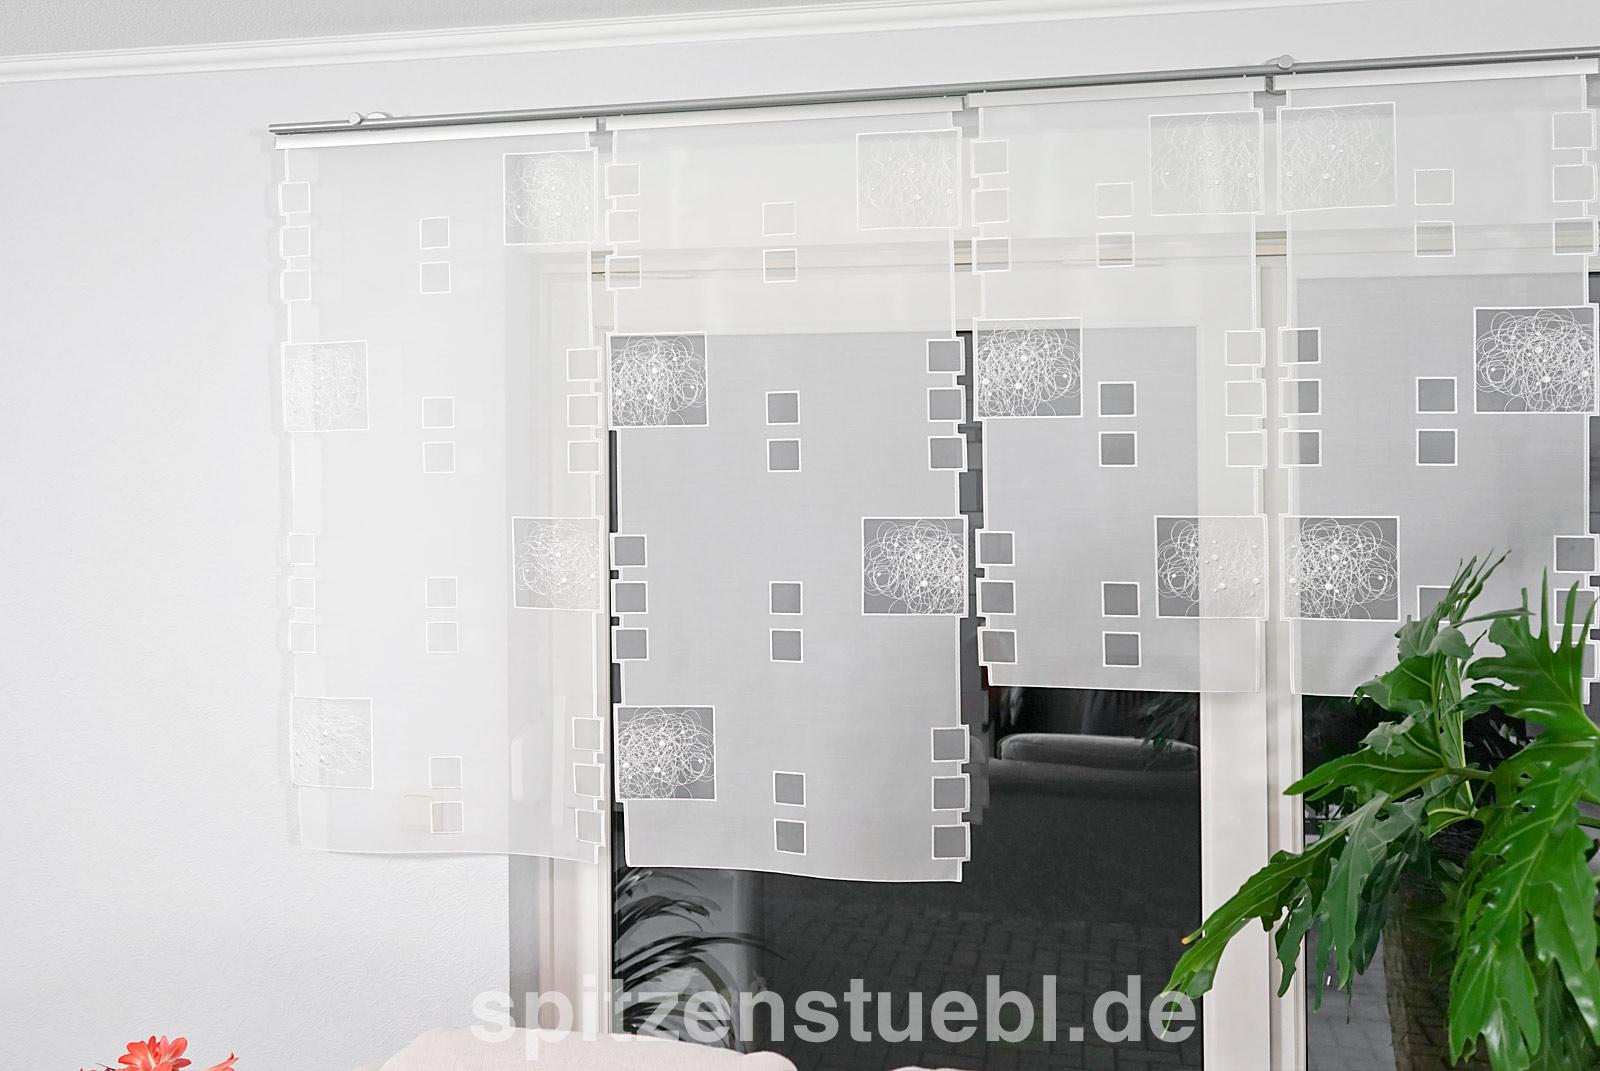 Full Size of Scheibengardinen Modern Gnstig Scheibenmgardinen Online Kaufen Küche Moderne Esstische Duschen Modernes Bett Deckenleuchte Wohnzimmer Sofa Landhausküche Wohnzimmer Moderne Scheibengardinen